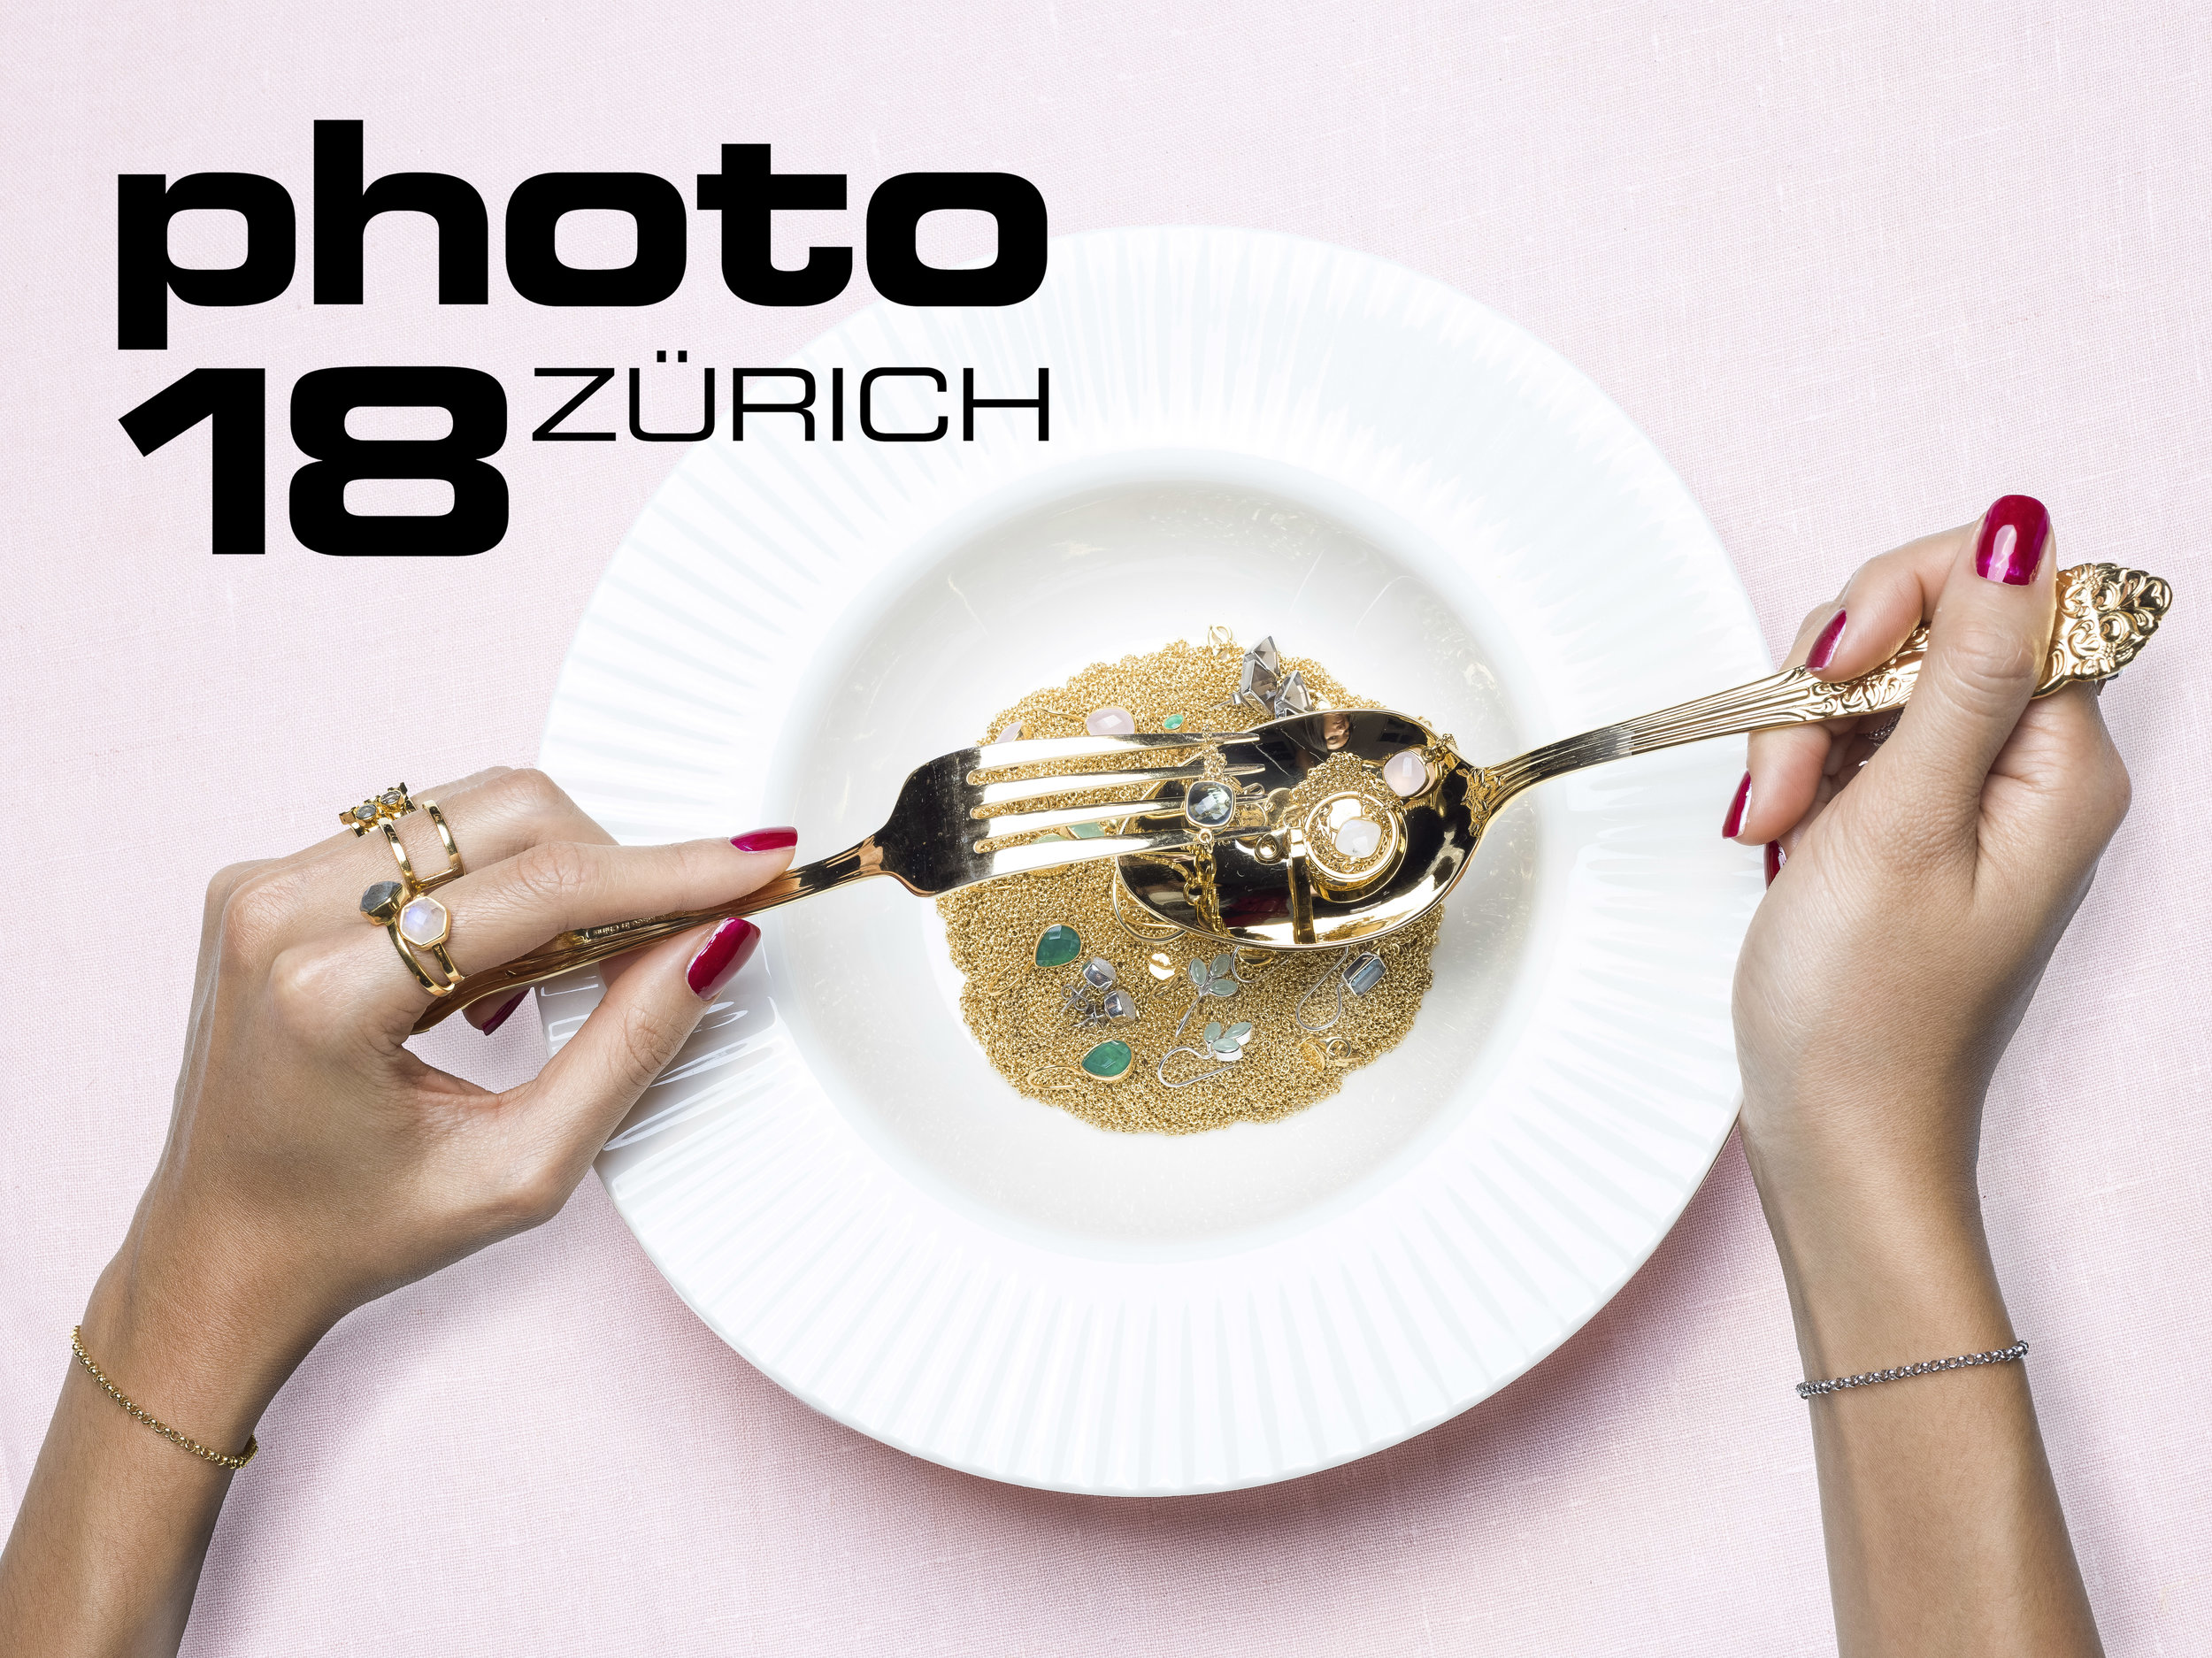 Photo-Schweiz